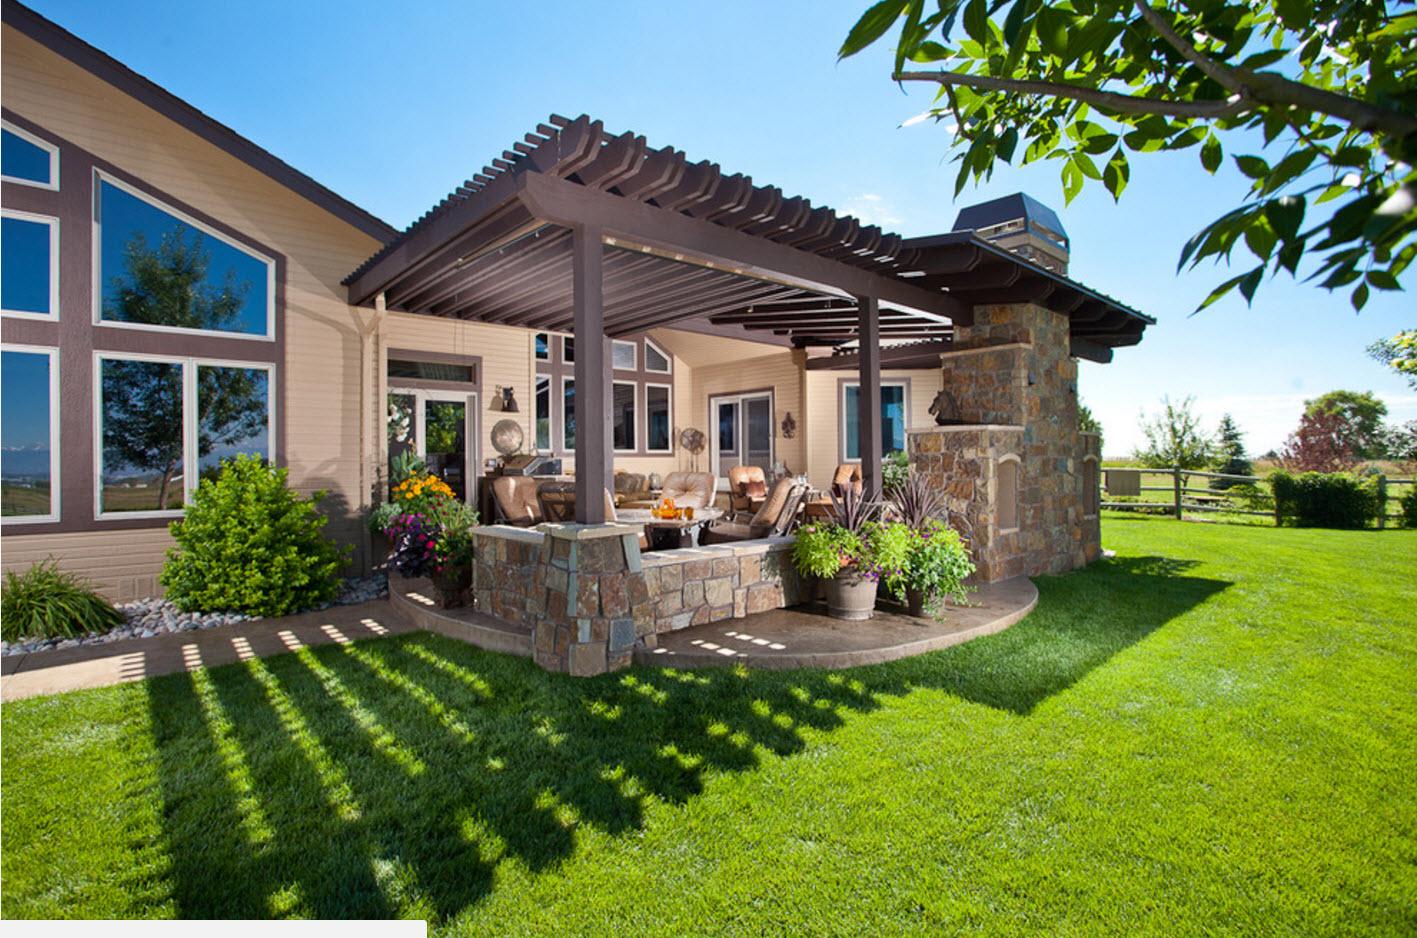 Как сделать красивую фото дома